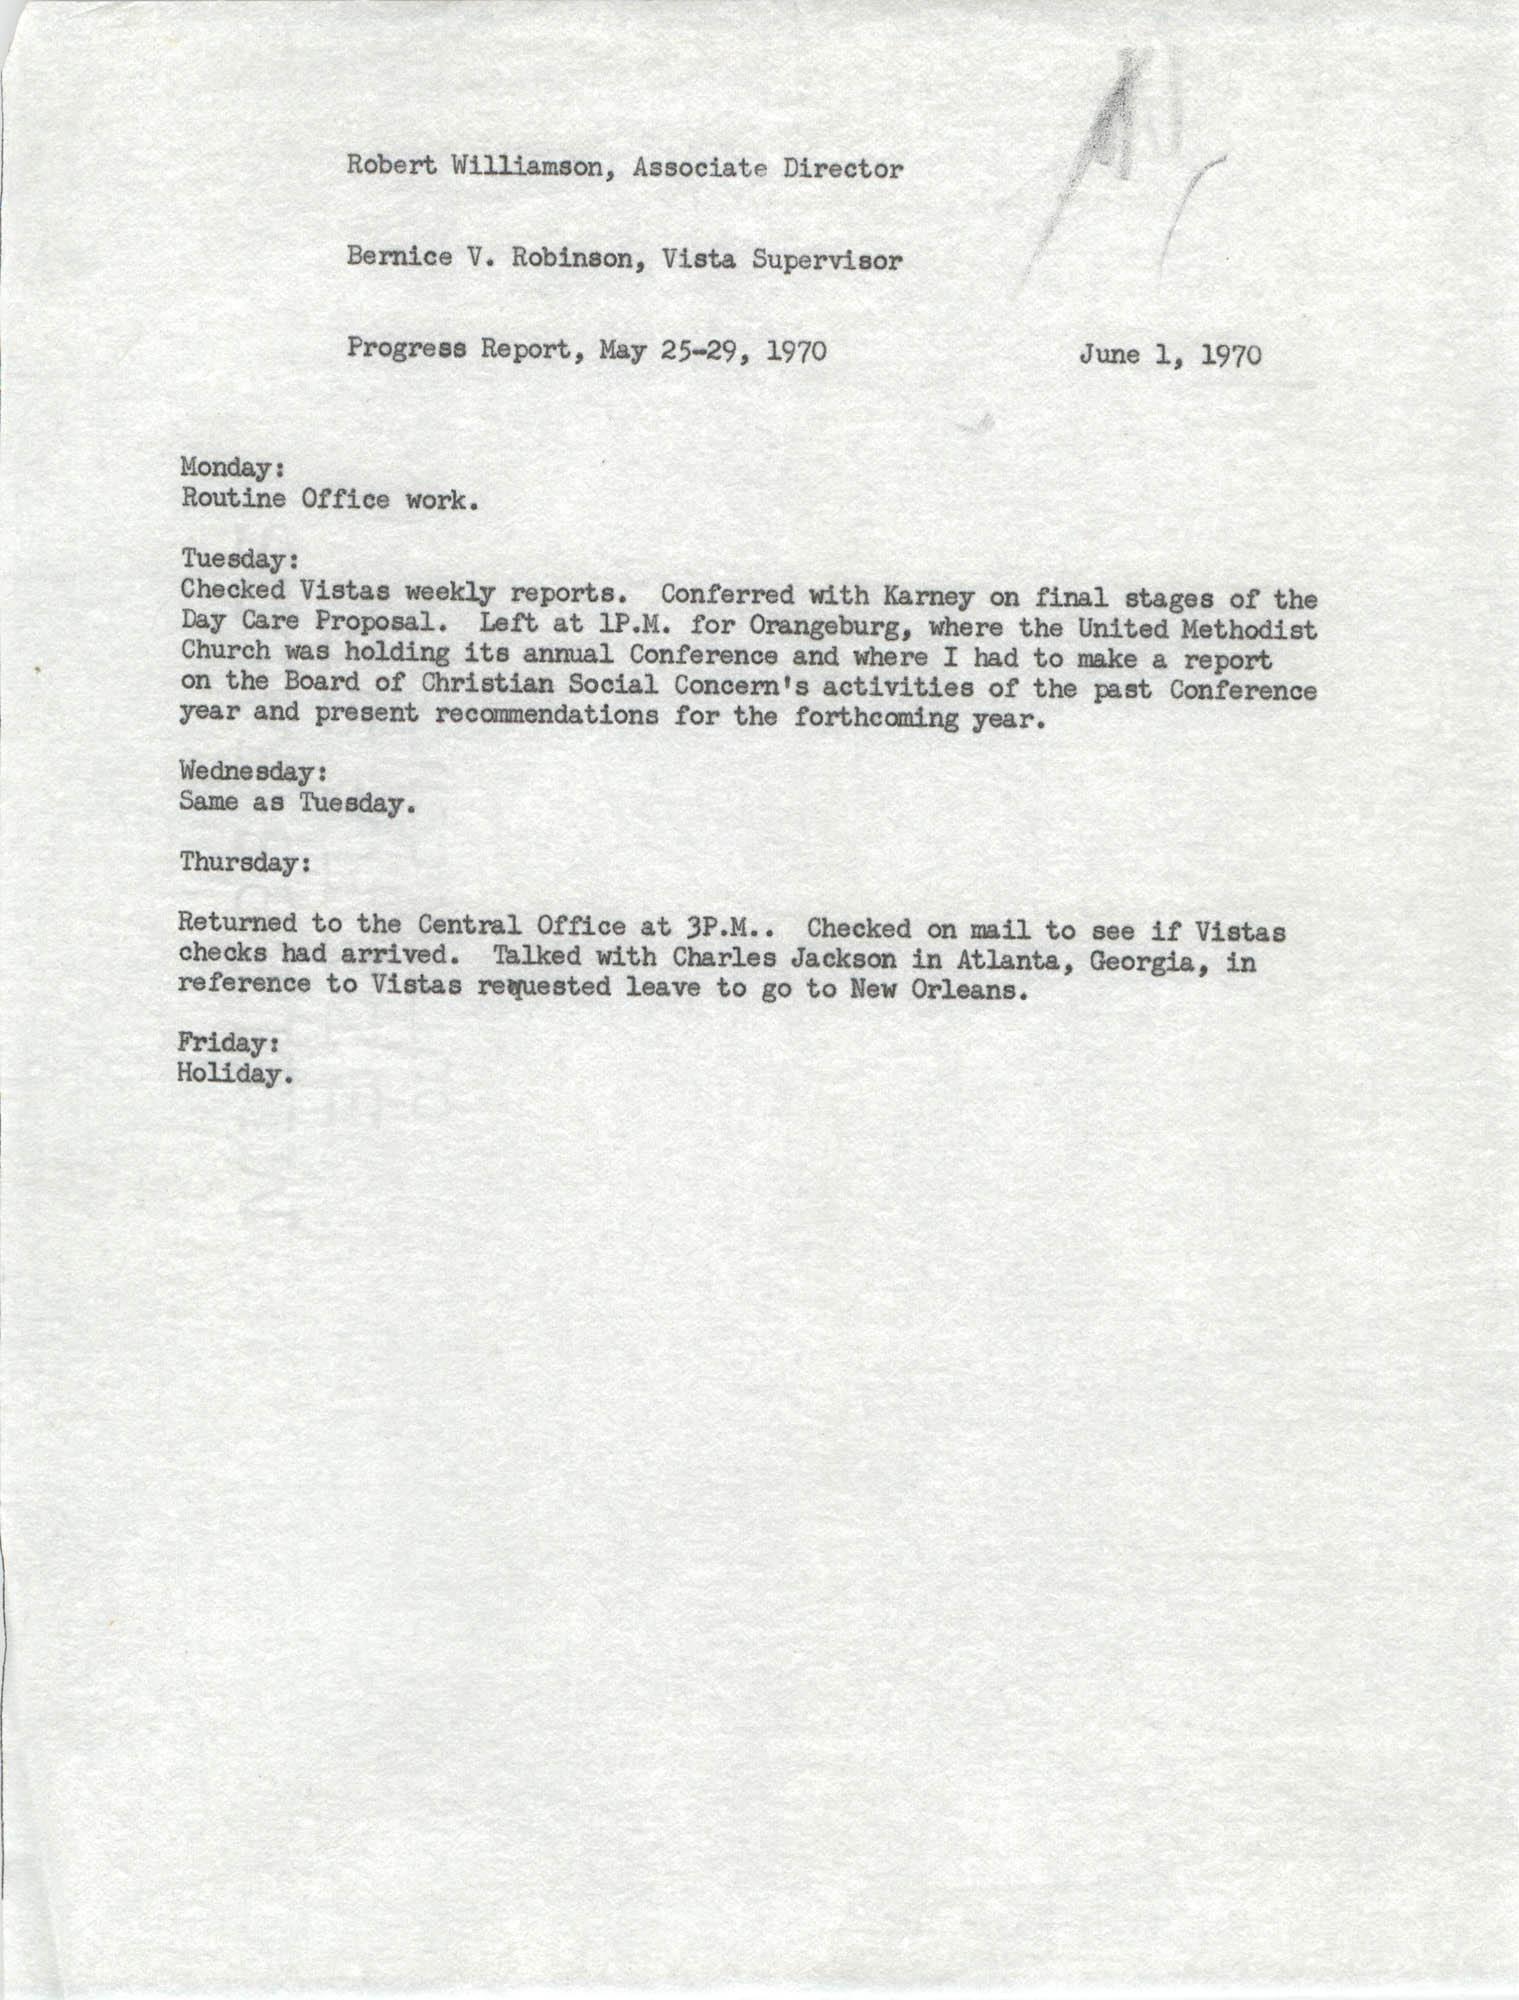 VISTA Progress Report, May 25-29, 1970